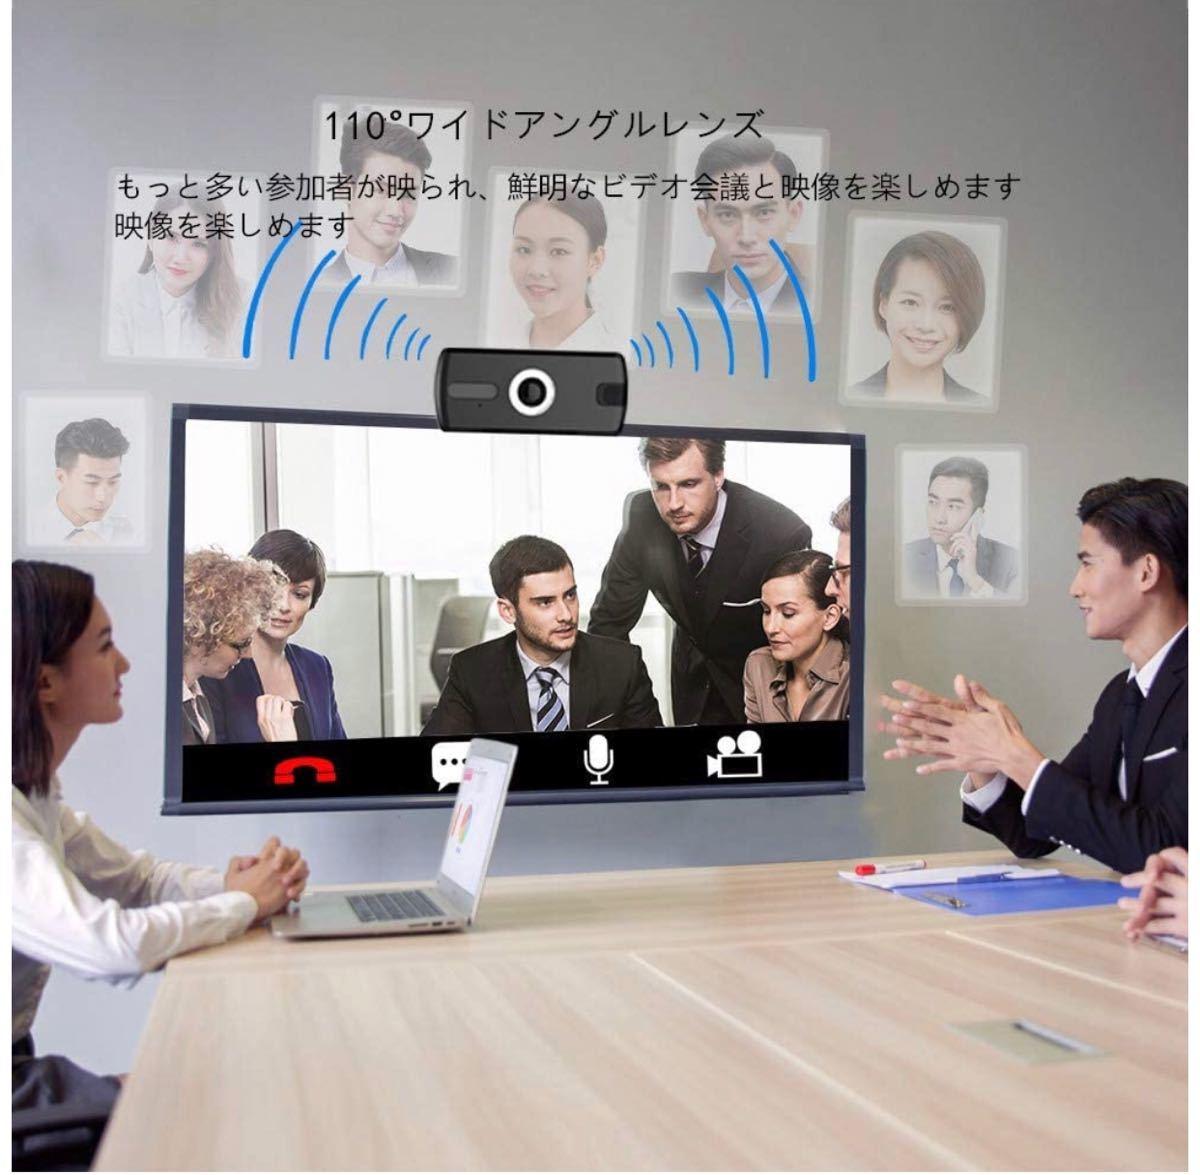 カメラ ウェブカメラ WEBカメラ高画質 HD1080P 30fps 会議等